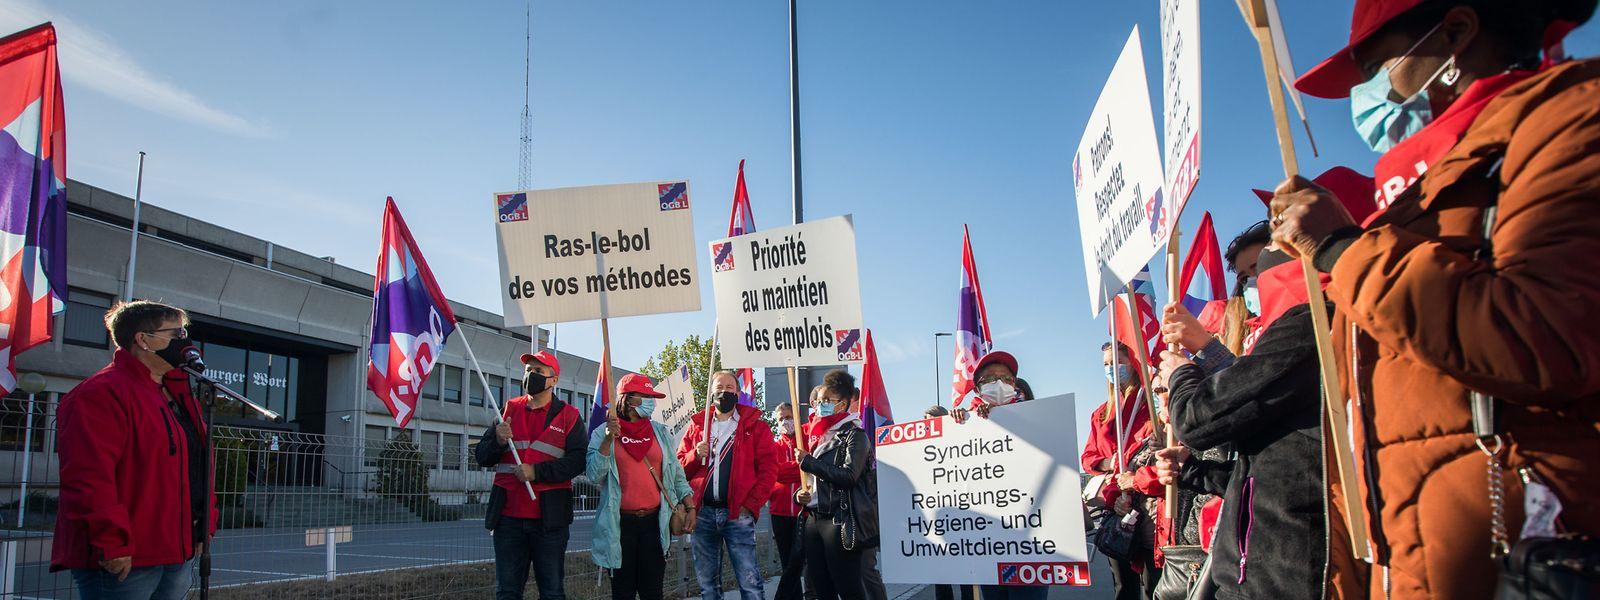 Am Dienstag fand die Protestaktion in Gasperich statt.